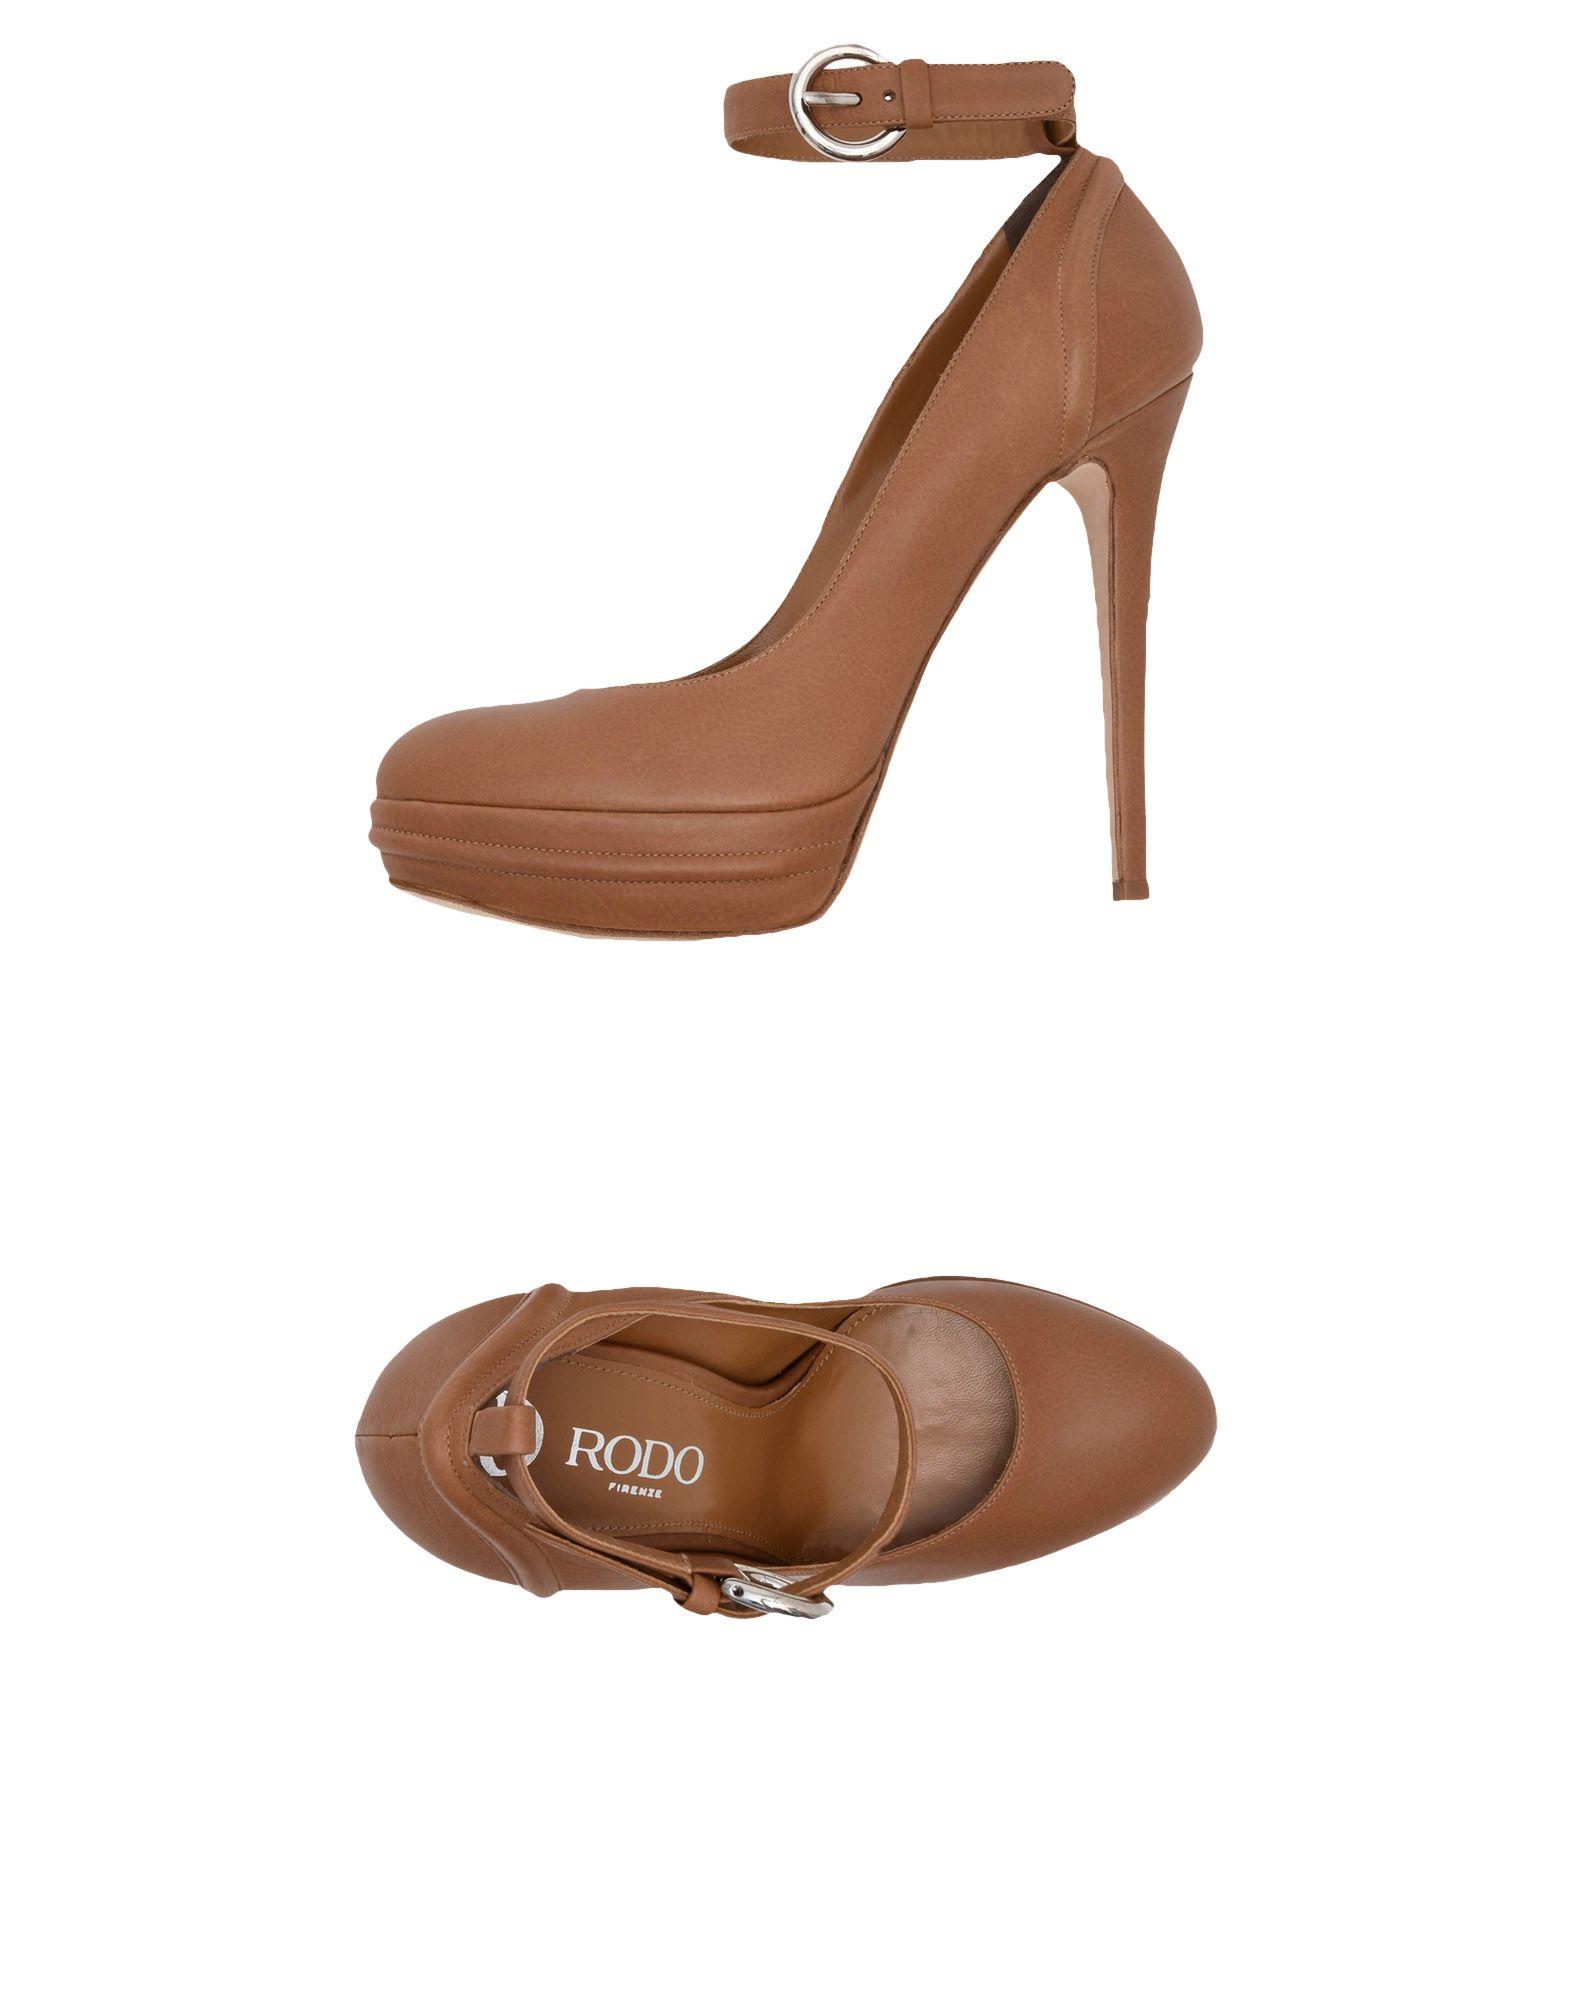 Marrón Zapato De De De Salón Rodo Mujer - Salones Rodo modelo más vendido de la marca 15f50e